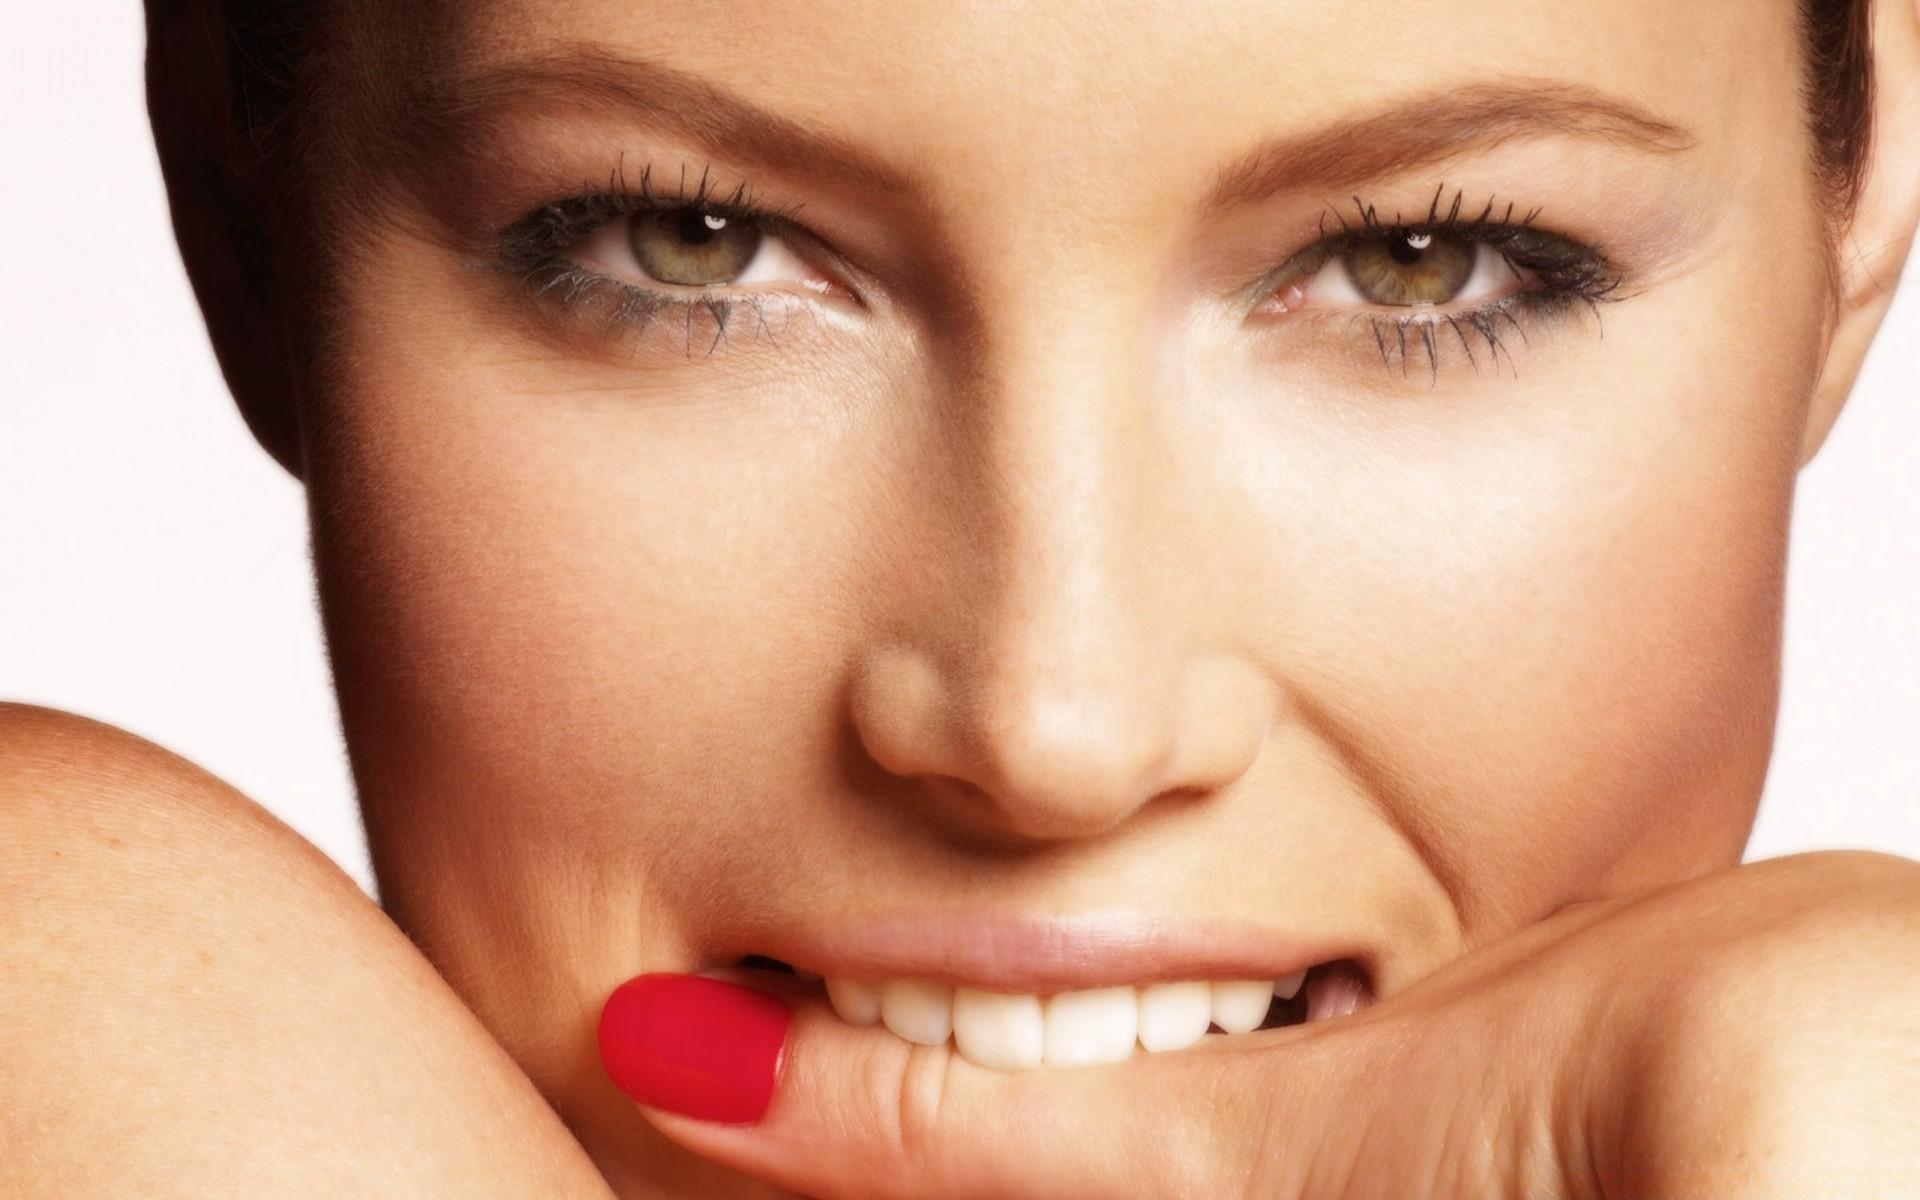 улыбающаяся девушка с пальчиком во рту уже